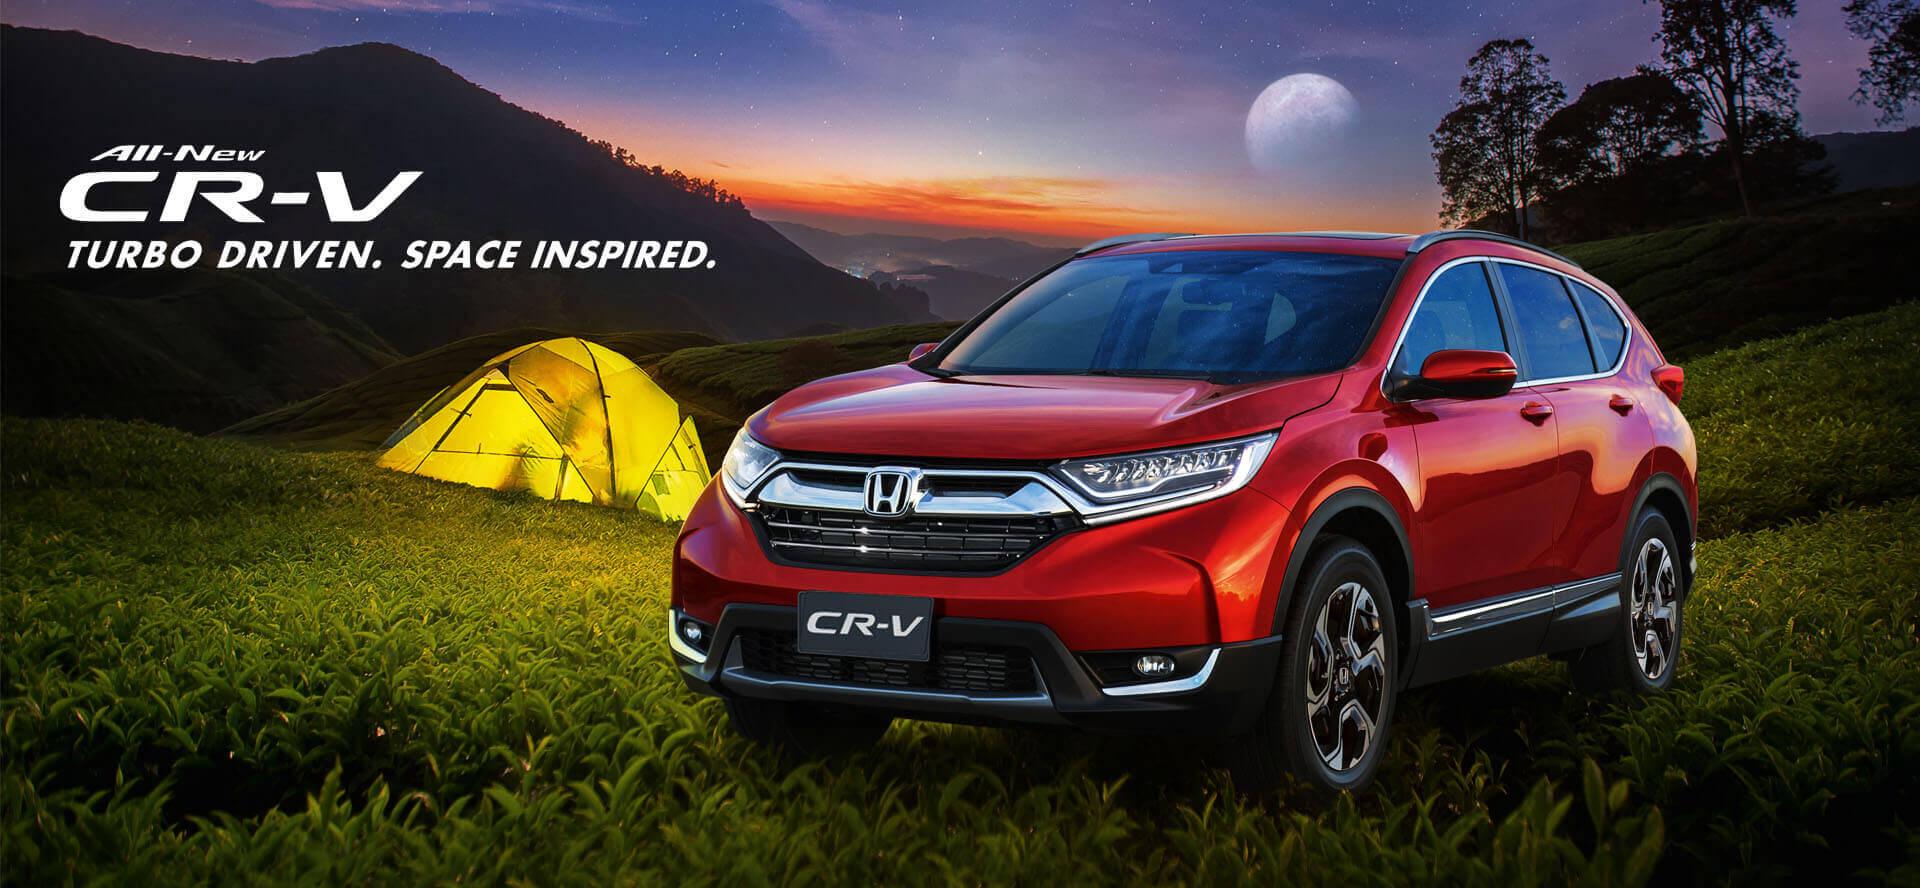 The All New Honda CR-V - Supremacy Returns